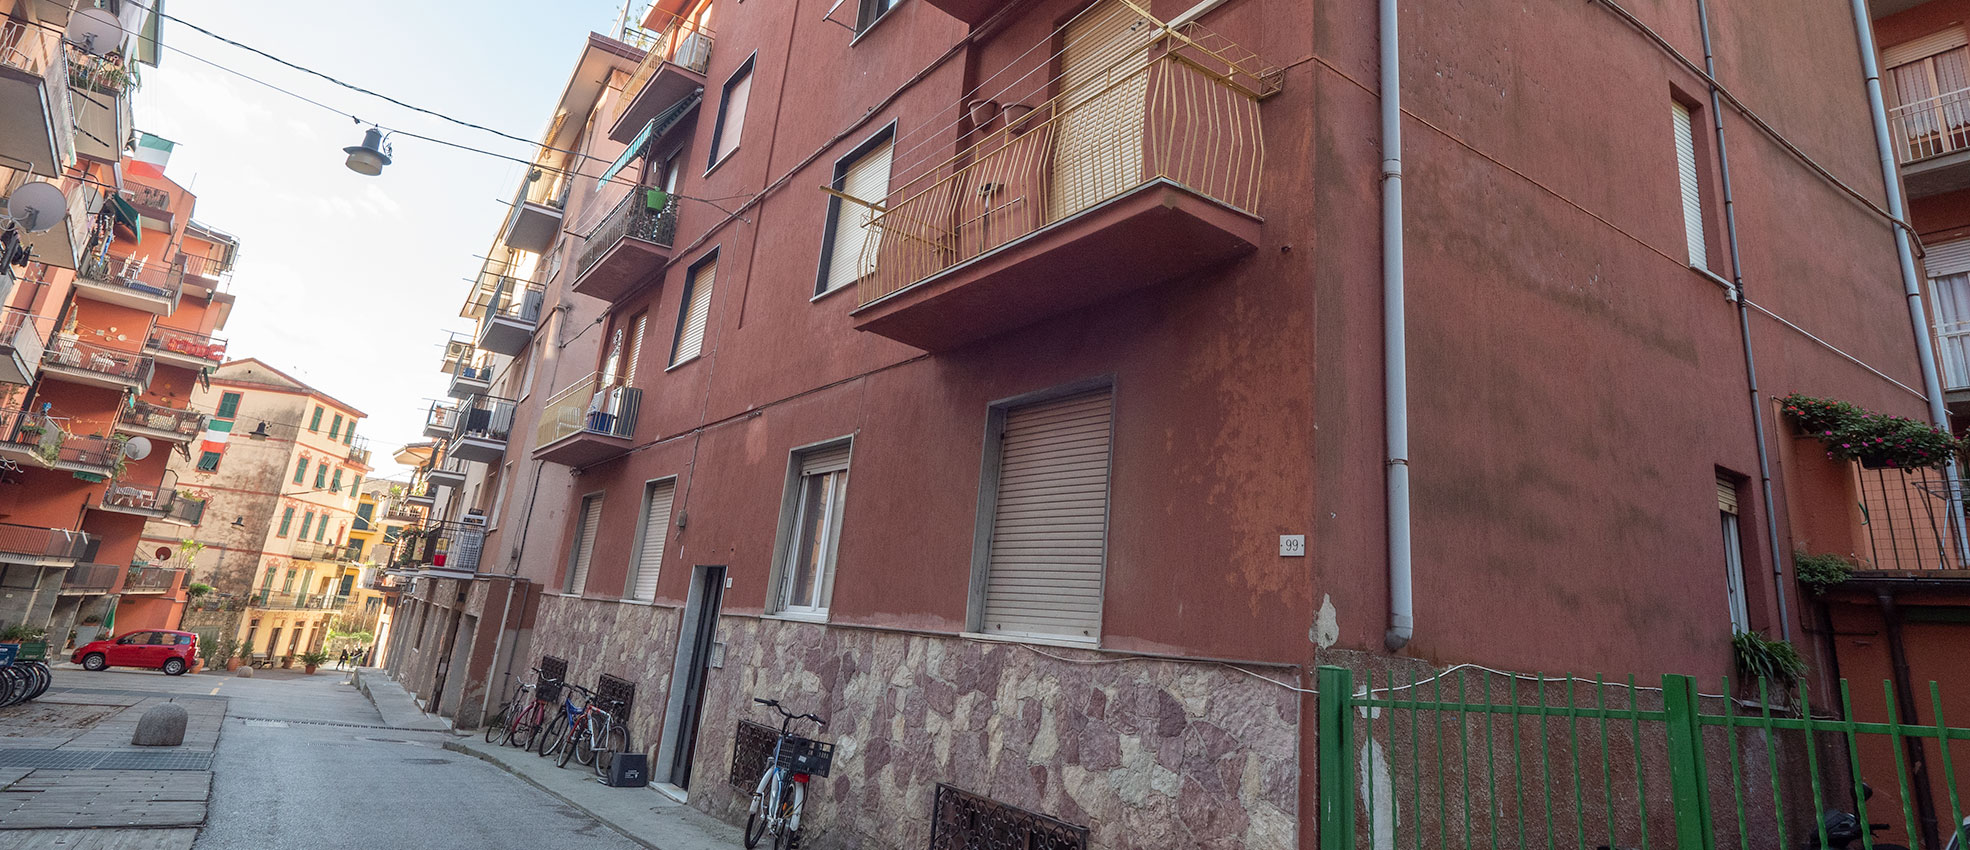 Appartamento Ristrutturato con Terrazzo mq.35